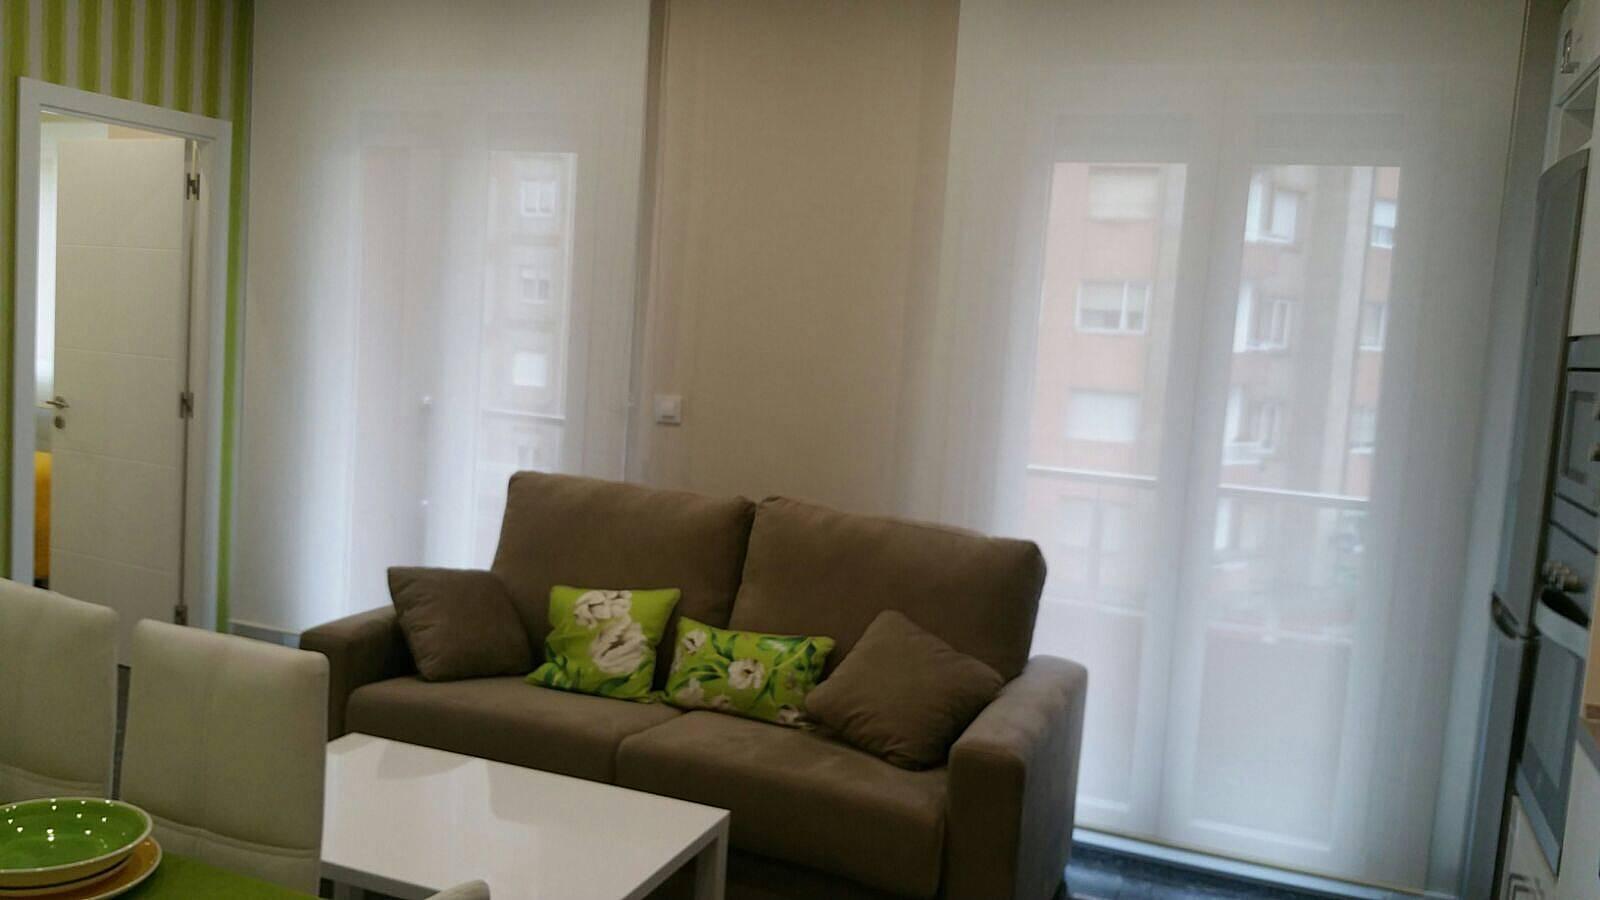 Apartamento en alquiler en vigo centro vigo pontevedra camino de santiago de los portugueses - Alquiler de apartamentos en vigo ...